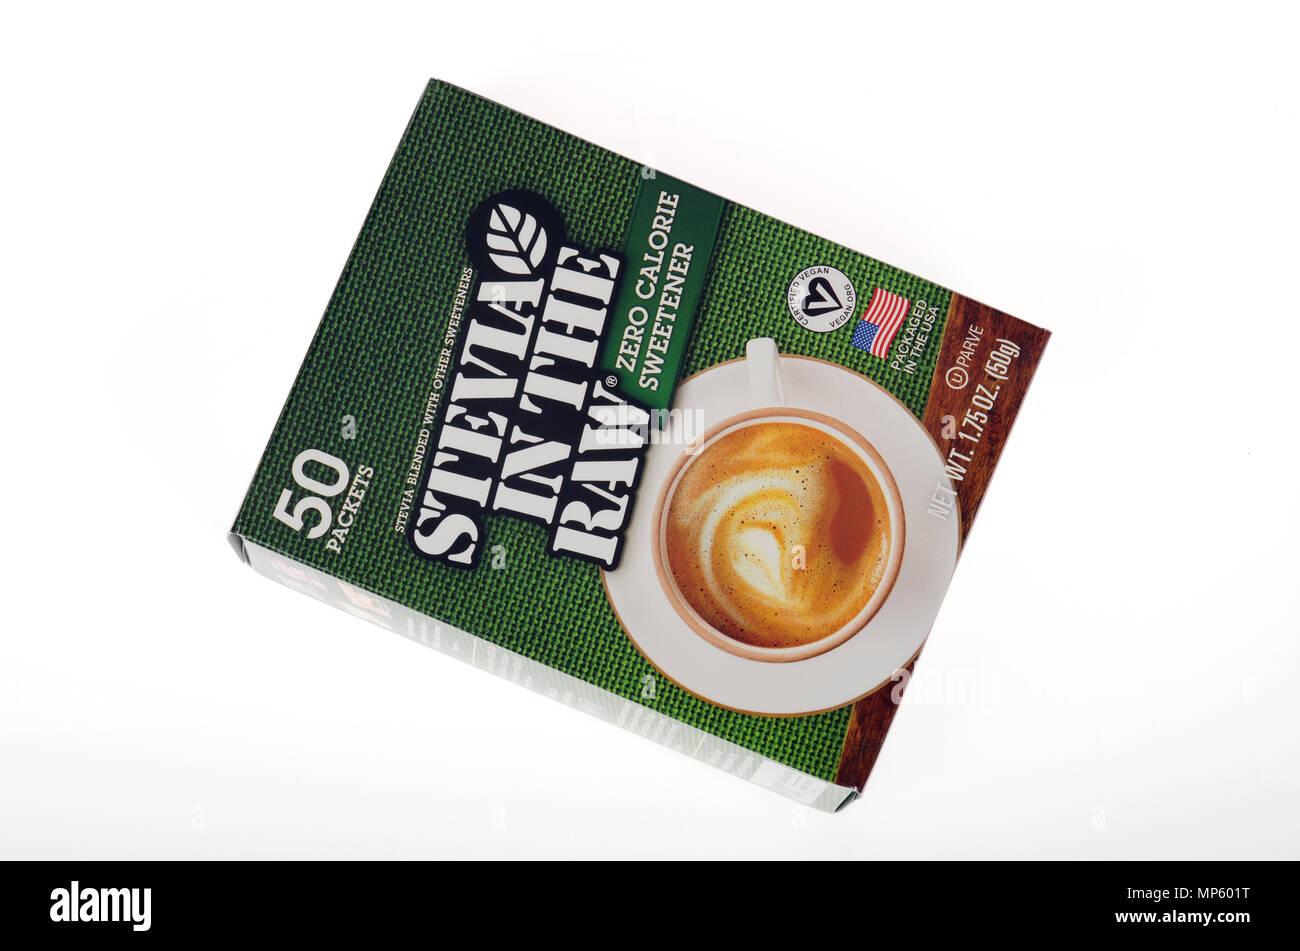 Caja de stevia en la materia edulcorante natural alternativo con azúcar cero calorías Imagen De Stock